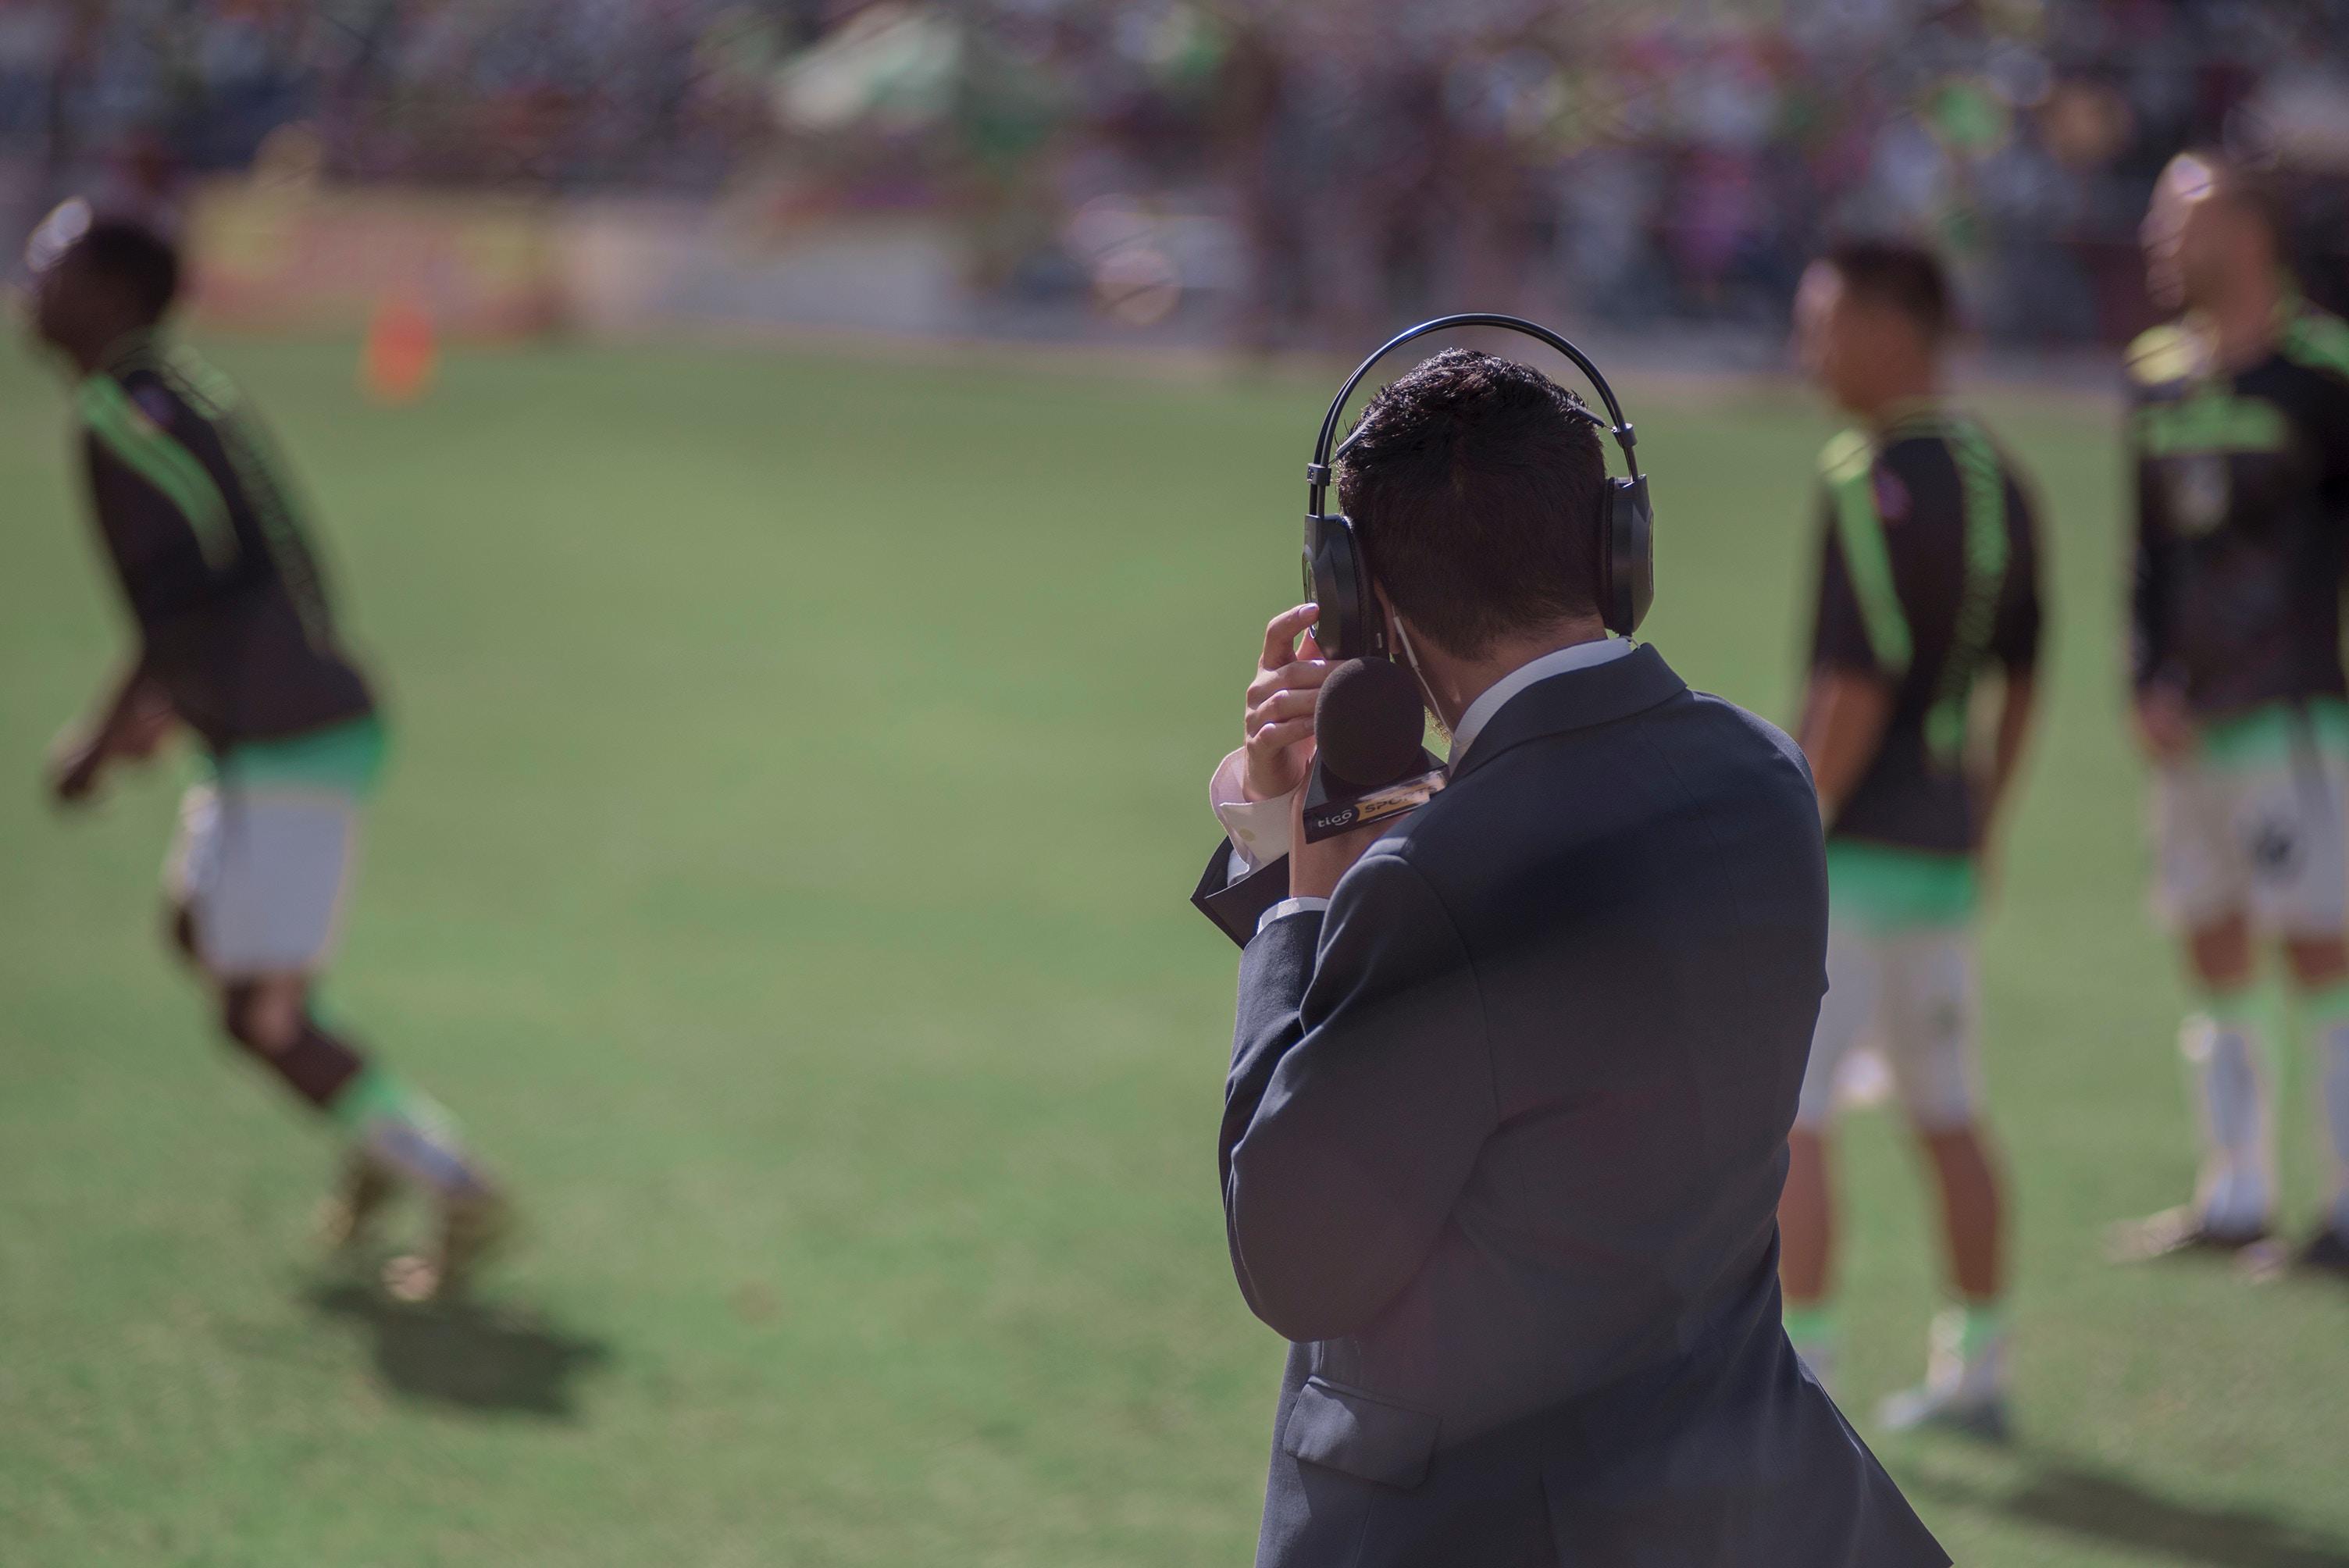 Esporte nas rádios: Saiba como criar uma web rádio esportiva